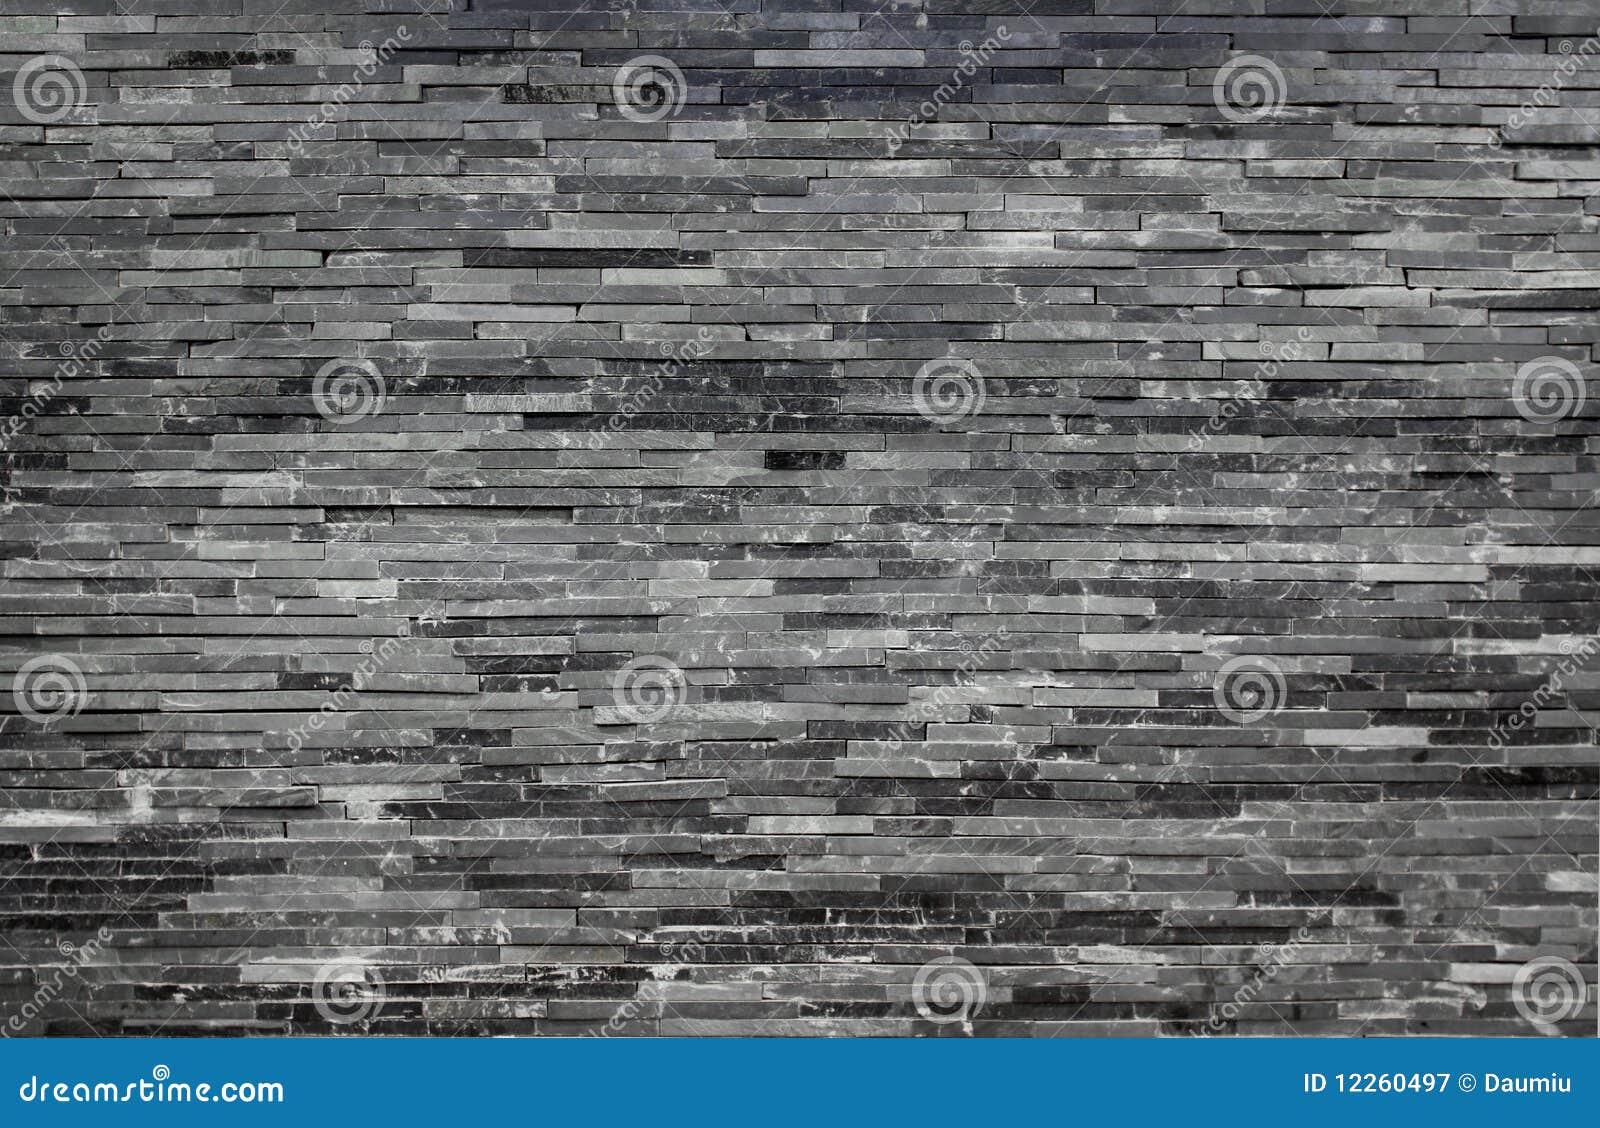 mur de briques de marbre contemporain photographie stock libre de droits image 12260497. Black Bedroom Furniture Sets. Home Design Ideas